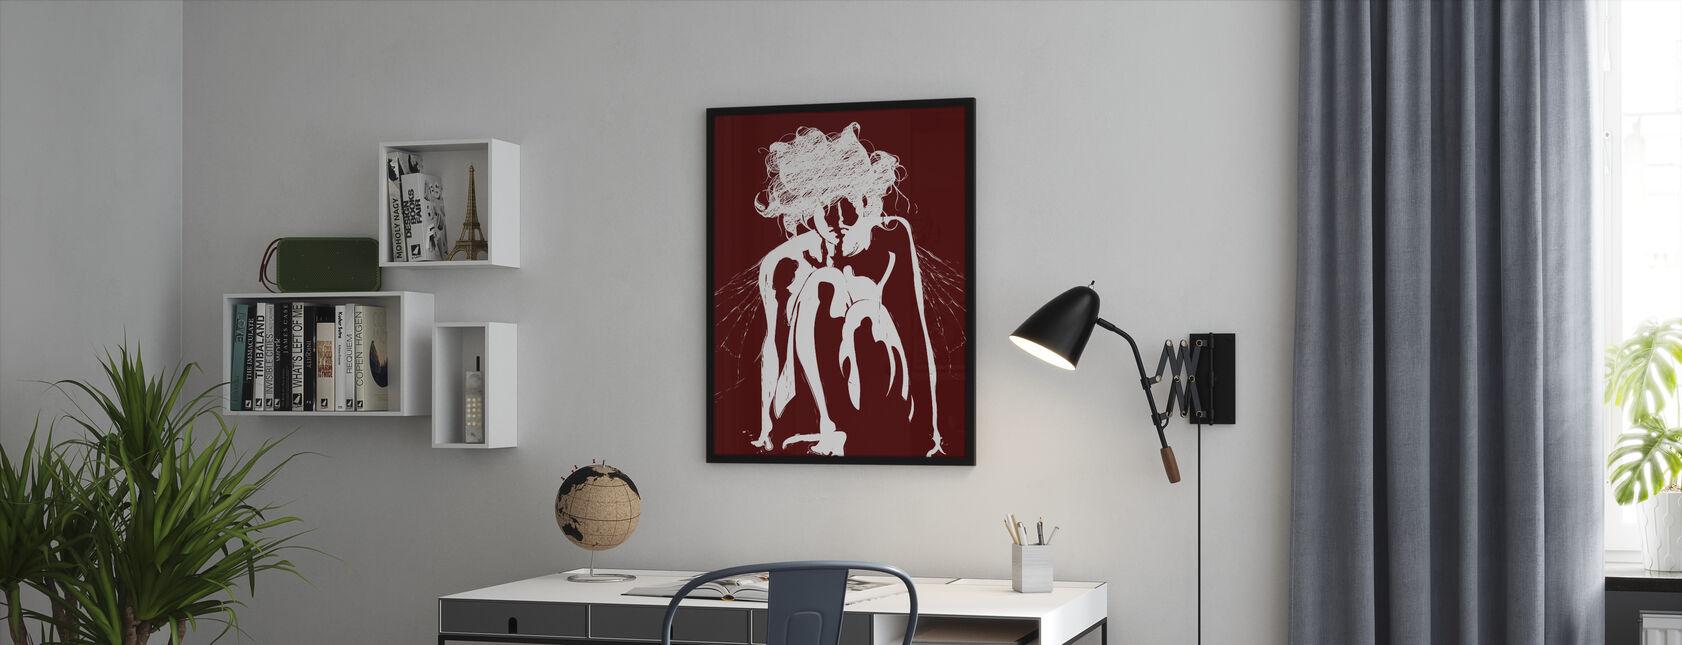 Tinker - Red - Framed print - Office